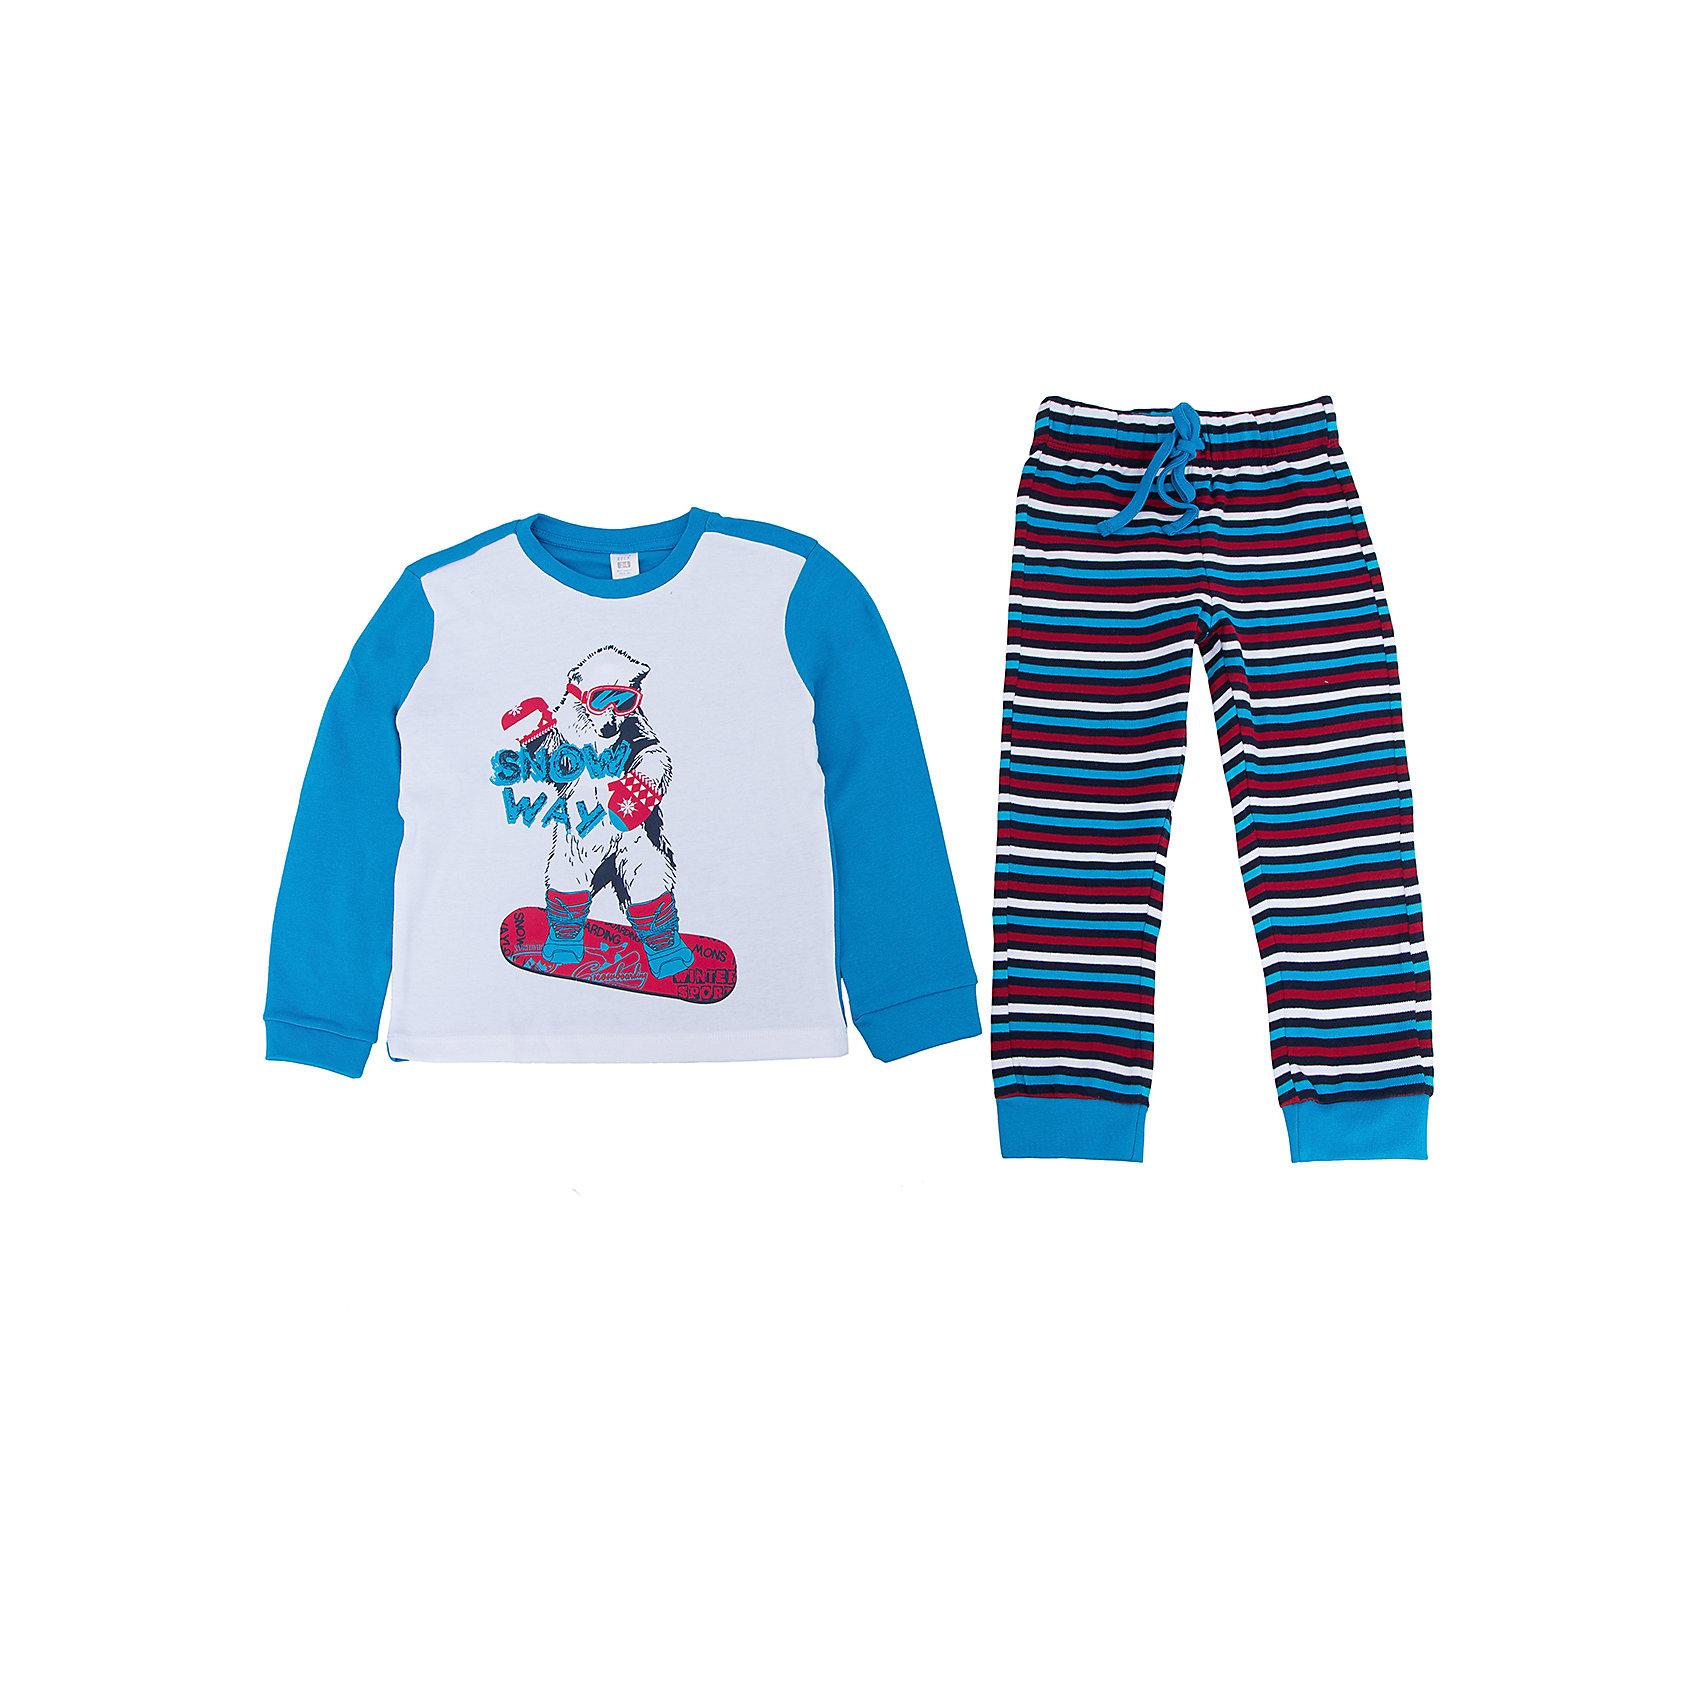 Пижама для мальчика SELAПижамы и сорочки<br>Пижама для мальчика SELA<br><br>Характеристики:<br><br>- Цвет: синий, разноцветный. <br>- Мягкий, приятный на ощупь материал. <br>- Округлый вырез горловины.<br>- Стильный принт. <br>- Длинный рукав.<br>- Состав: 100% хлопок.<br><br>Удобная пижама - неотъемлемая составляющая комфортного сна ребенка. Эта модель отлично сидит на мальчике, она сшита из приятного на ощупь материала, мягкая и дышащая. Натуральный хлопок в составе ткани не вызывает аллергии и обеспечивает ребенку комфорт. В наборе - футболка с длинным рукавом и штаны с широкими манжетами. Пояс на штанишках на мягкой резинке, дополнительно затягивается на шнурок. Пижама украшена симпатичным принтом.<br>Одежда от бренда Sela (Села) - это качество по приемлемым ценам. Многие российские родители уже оценили преимущества продукции этой компании и всё чаще приобретают одежду и аксессуары Sela.<br><br>Пижаму для мальчика SELA, можно купить в нашем интернет-магазине.<br><br>Ширина мм: 281<br>Глубина мм: 70<br>Высота мм: 188<br>Вес г: 295<br>Цвет: синий<br>Возраст от месяцев: 18<br>Возраст до месяцев: 24<br>Пол: Мужской<br>Возраст: Детский<br>Размер: 92/98,140/146,104/110,116/122,128/134<br>SKU: 5079116